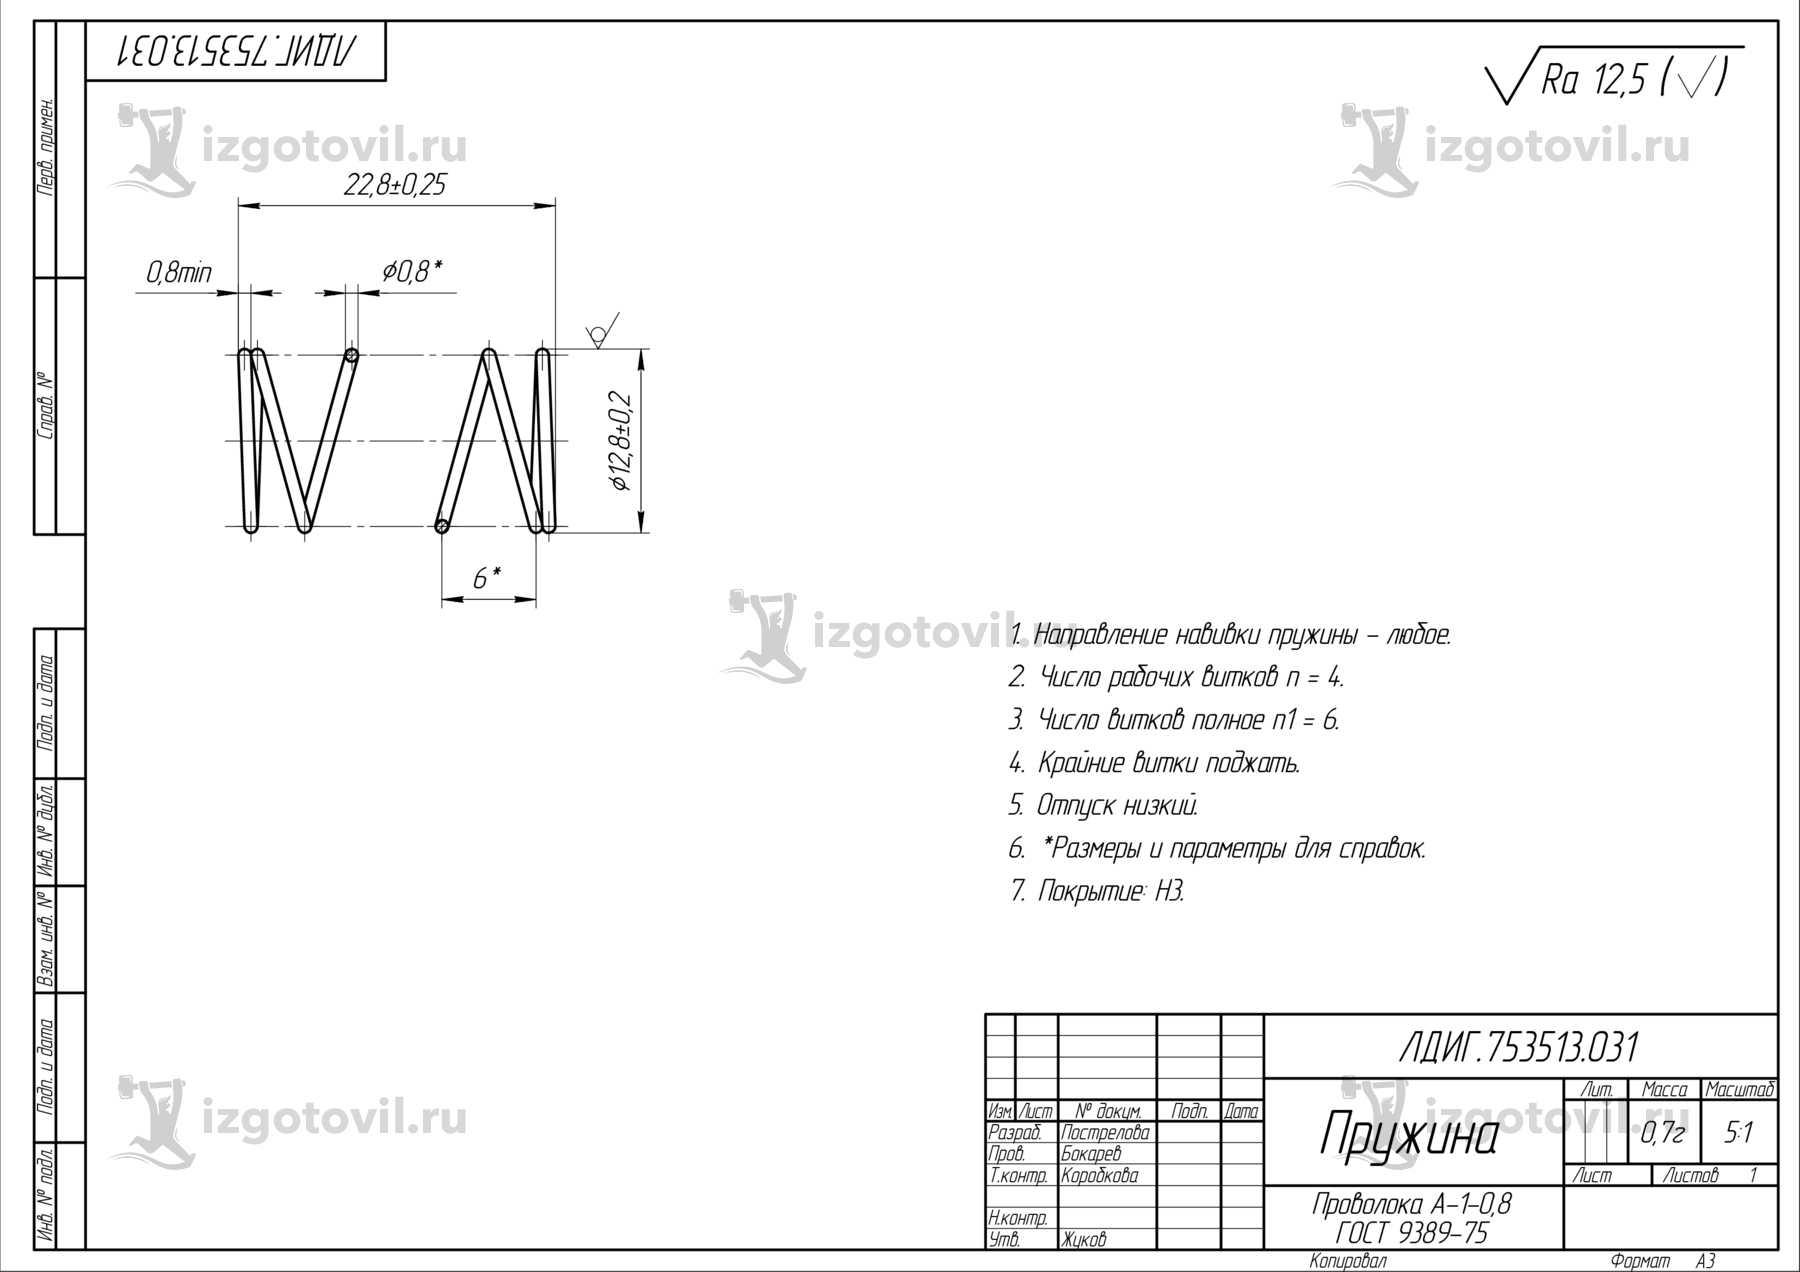 Изготовление цилиндрических деталей (детали)